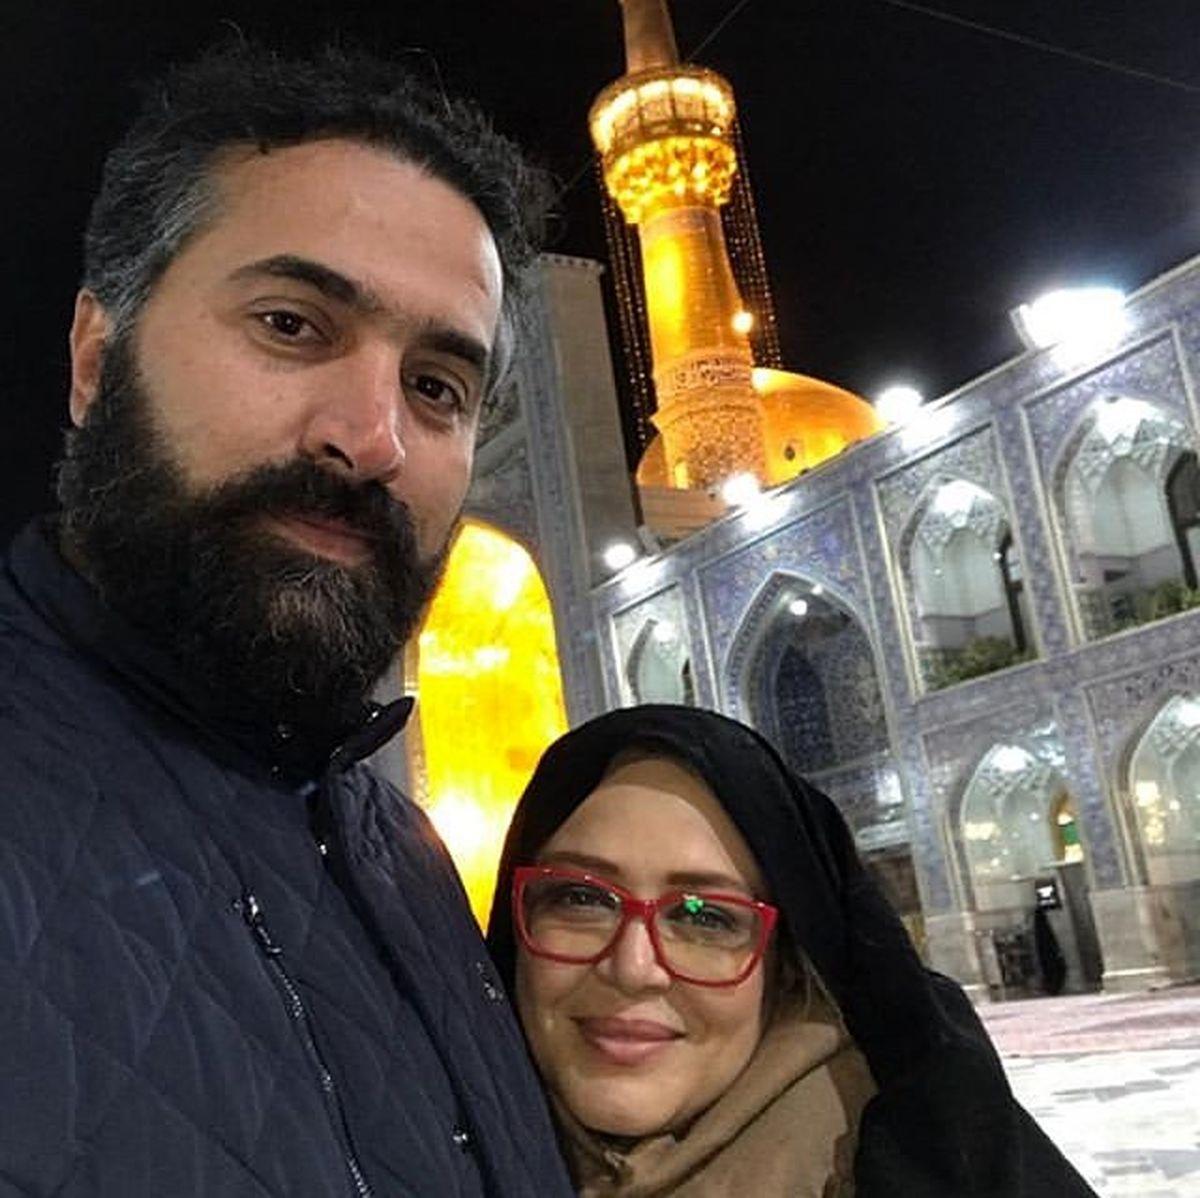 عکس عاشقانه بهاره رهنما با حاجی در حرم امام رضا